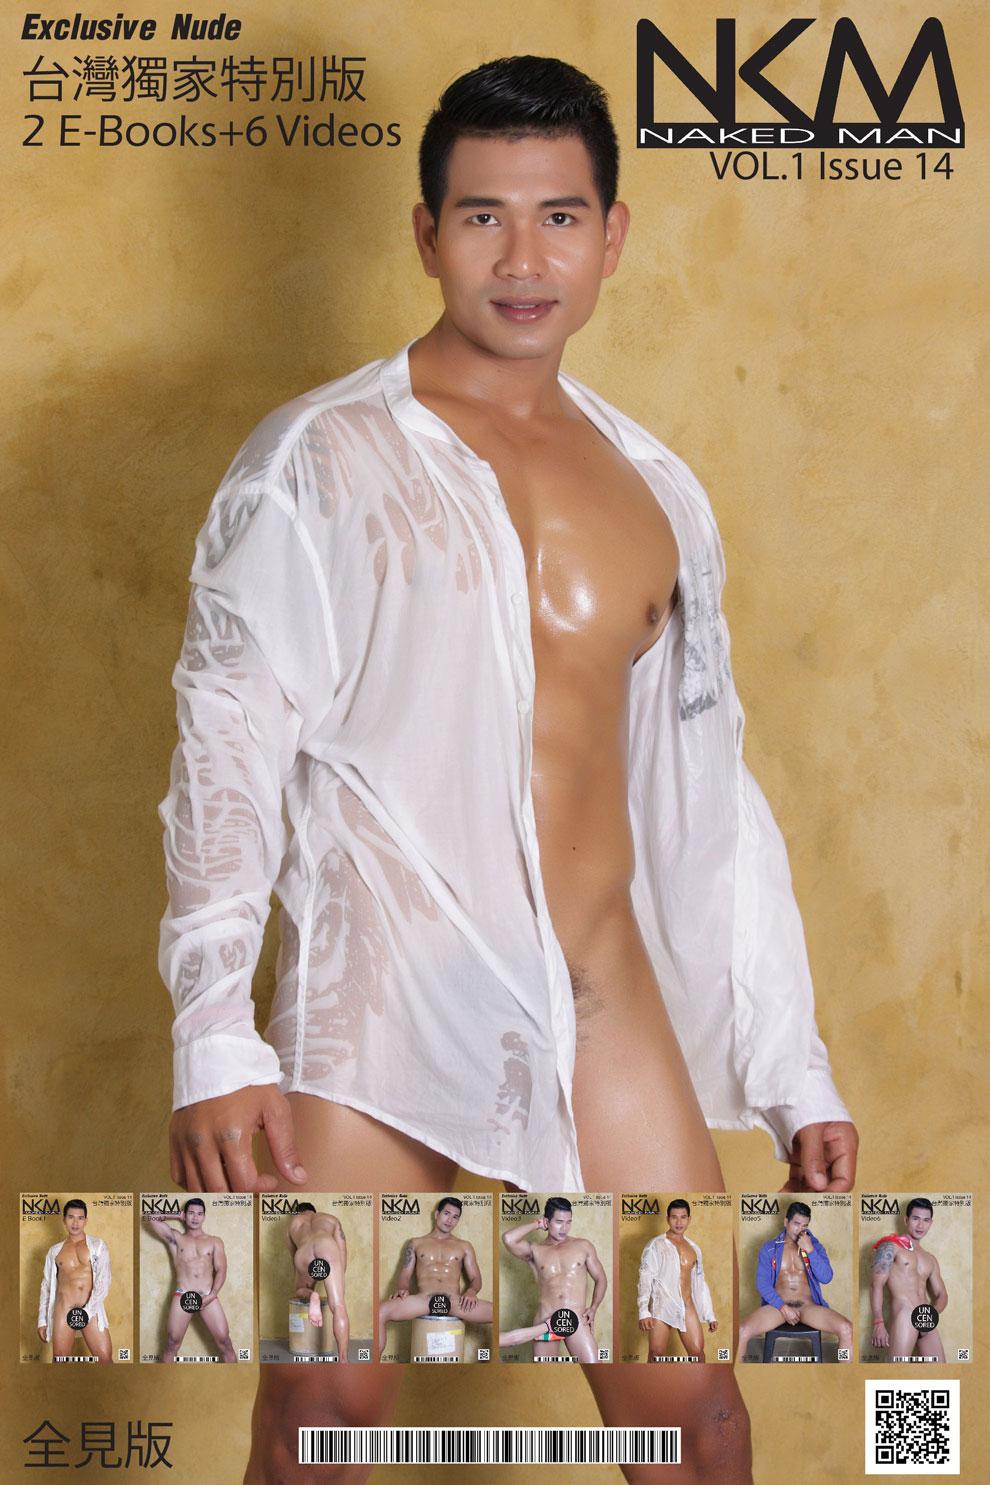 หน้าปก-nkm-magazine-no14-exclusive-nude-e-book-6-videos-ookbee